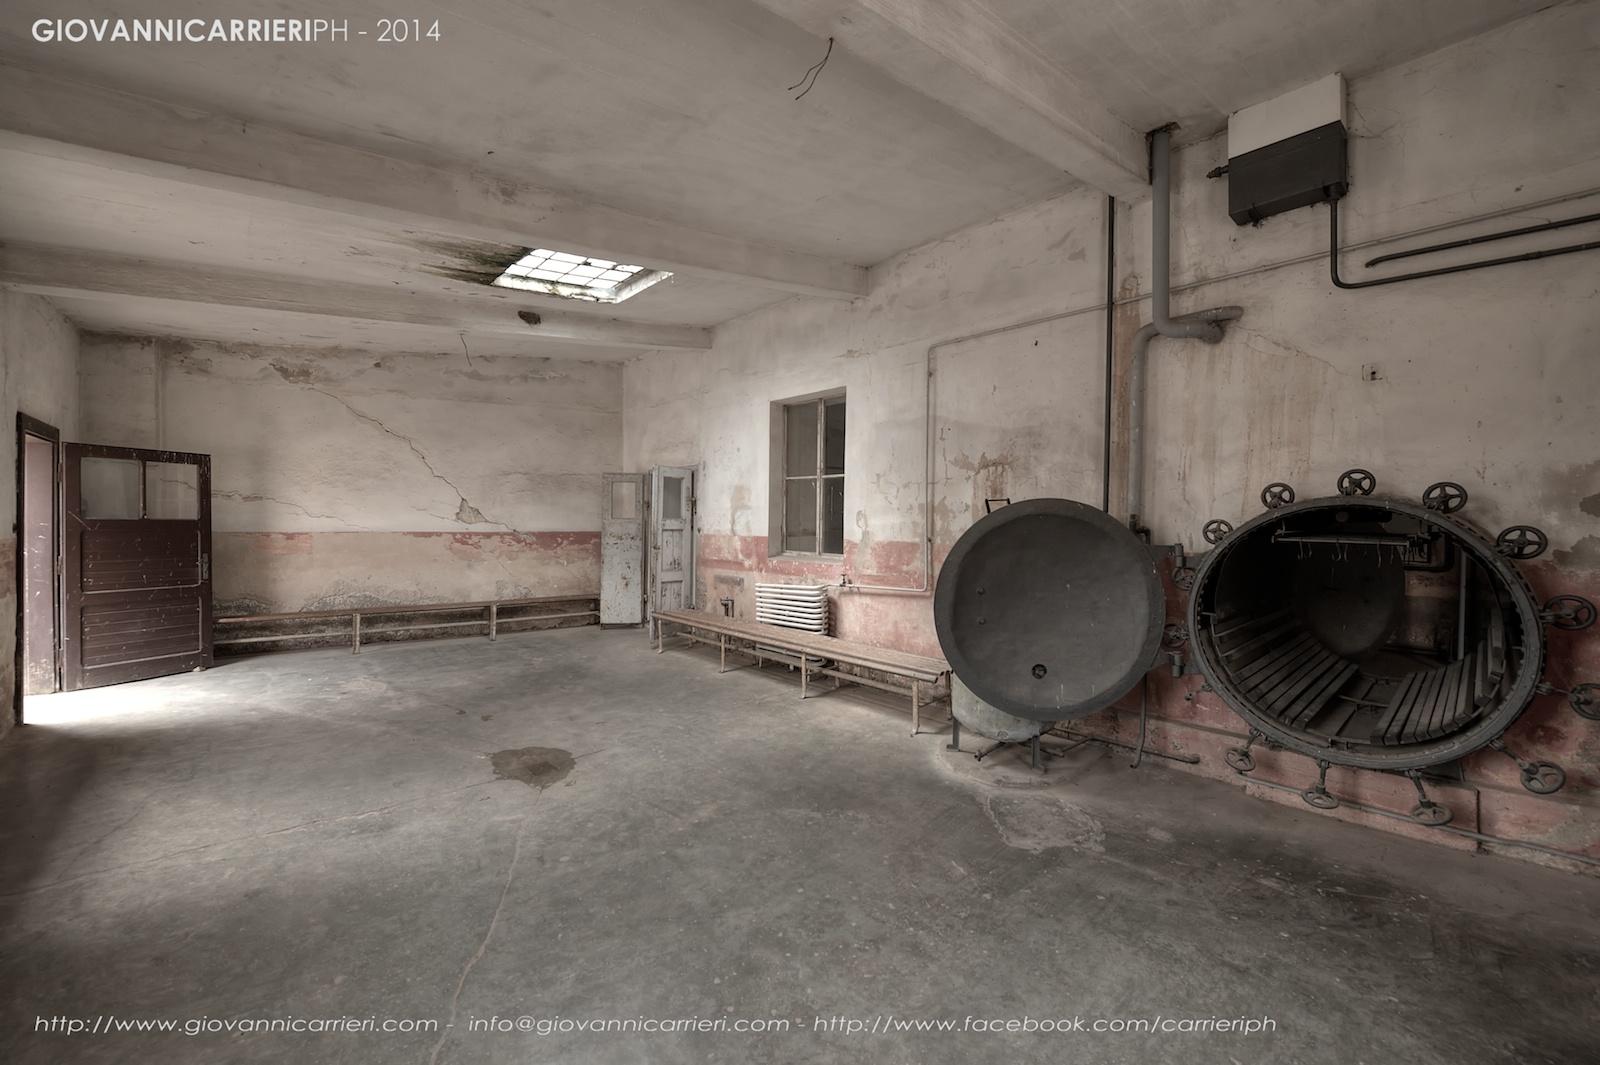 La stanza tecnica per effettuare la disinfestazione - Theresienstadt